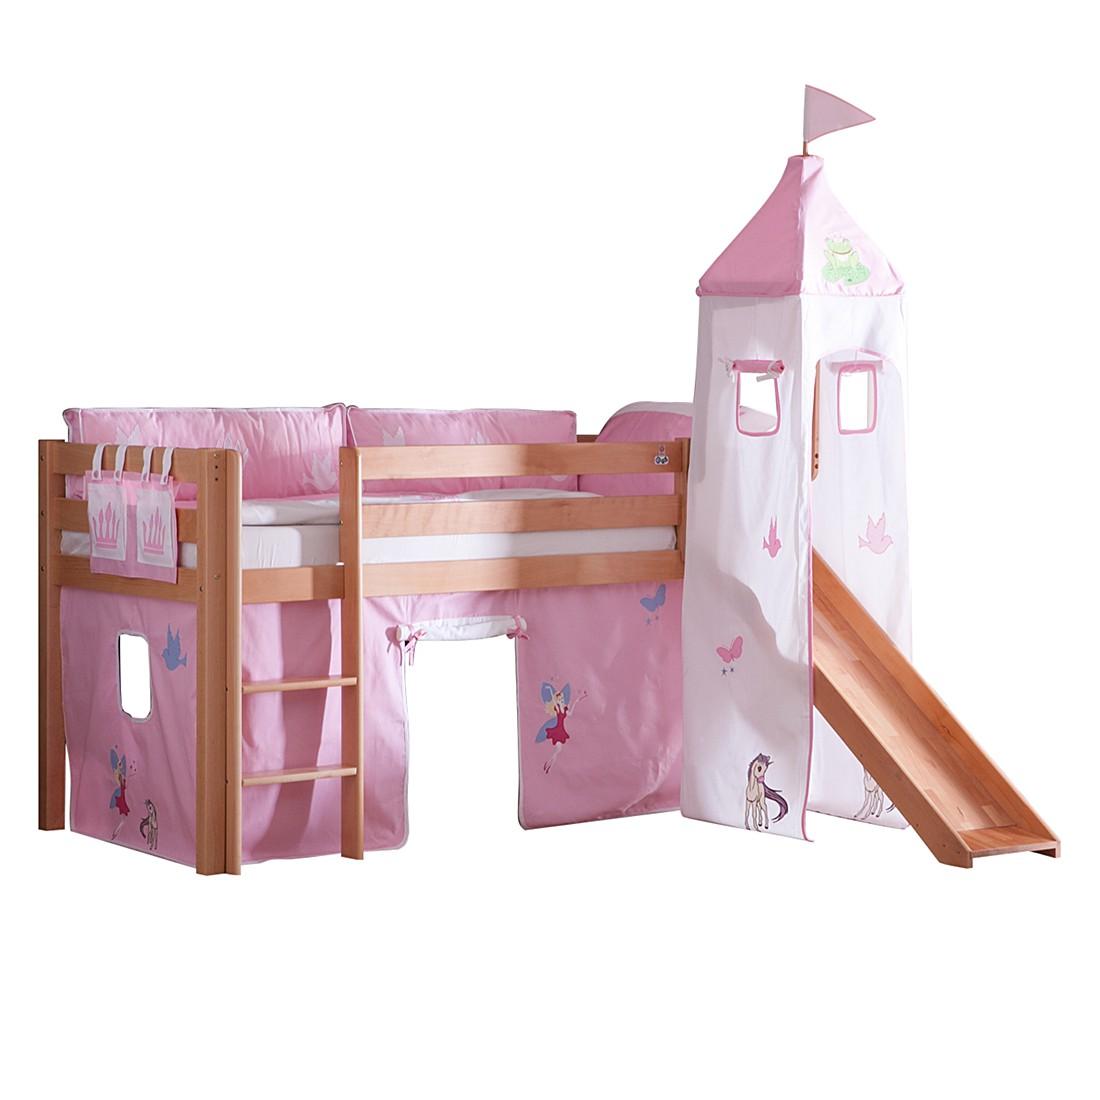 Spielbett Alex - mit Rutsche, Vorhang, Turm und Tasche - Buche natur/Textil Princess, Relita